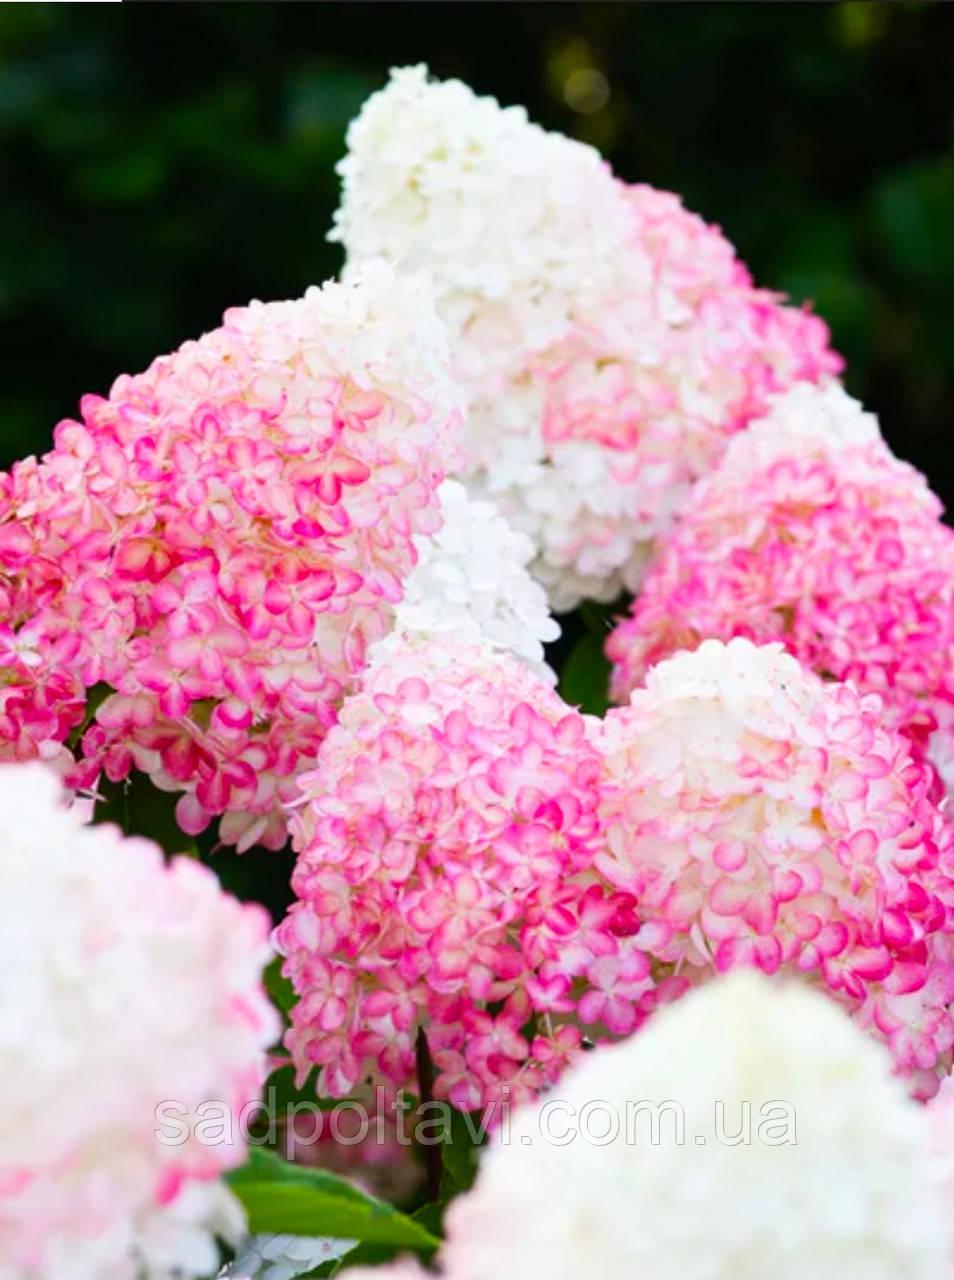 Саженцы гортензии метельчатой Пинк Розе / Living Pink Rose/